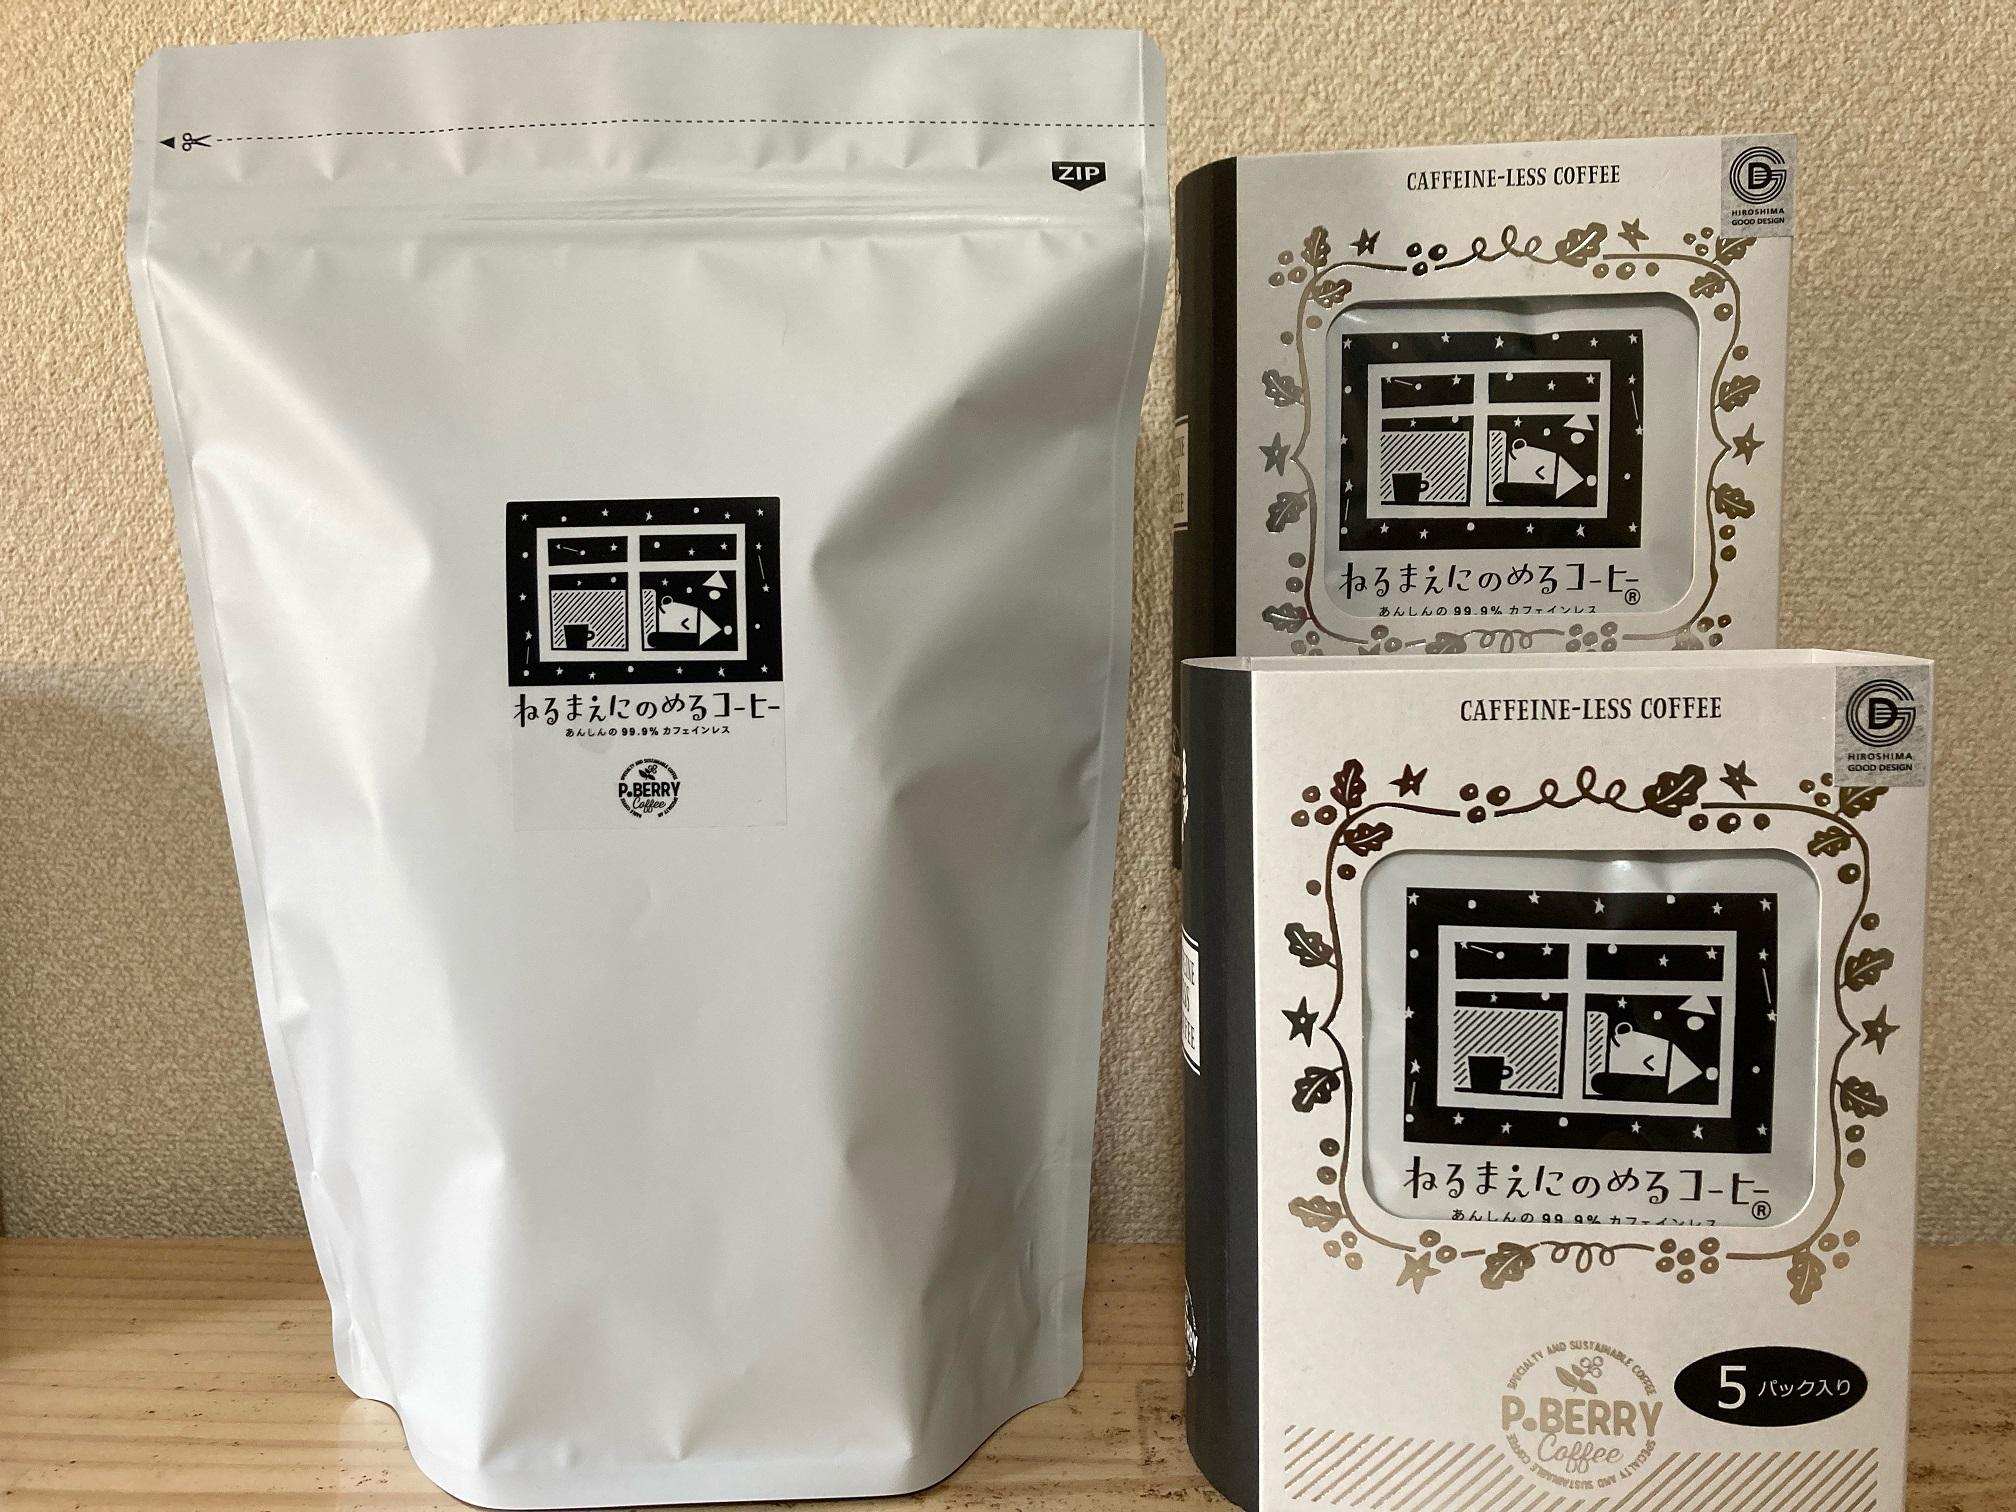 B18  機能別カフェインレスコーヒーセット(ねるまえにのめるコーヒー)